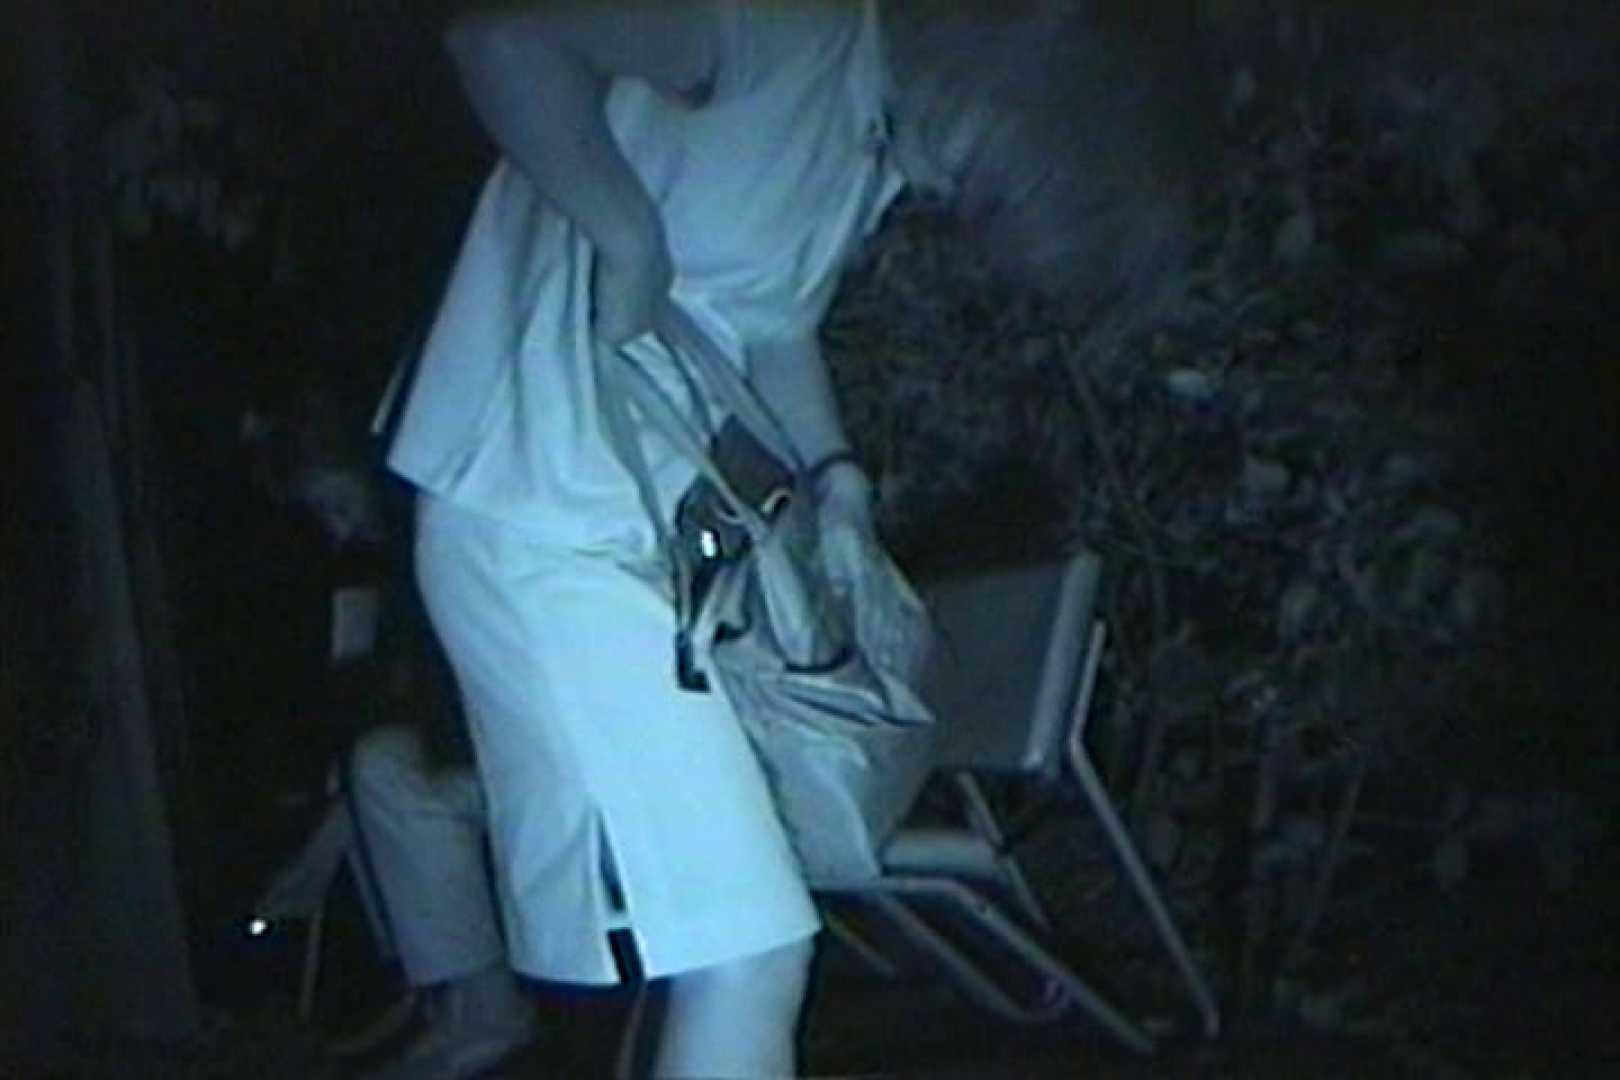 闇の仕掛け人 無修正版 Vol.25 美しいOLの裸体  102pic 36